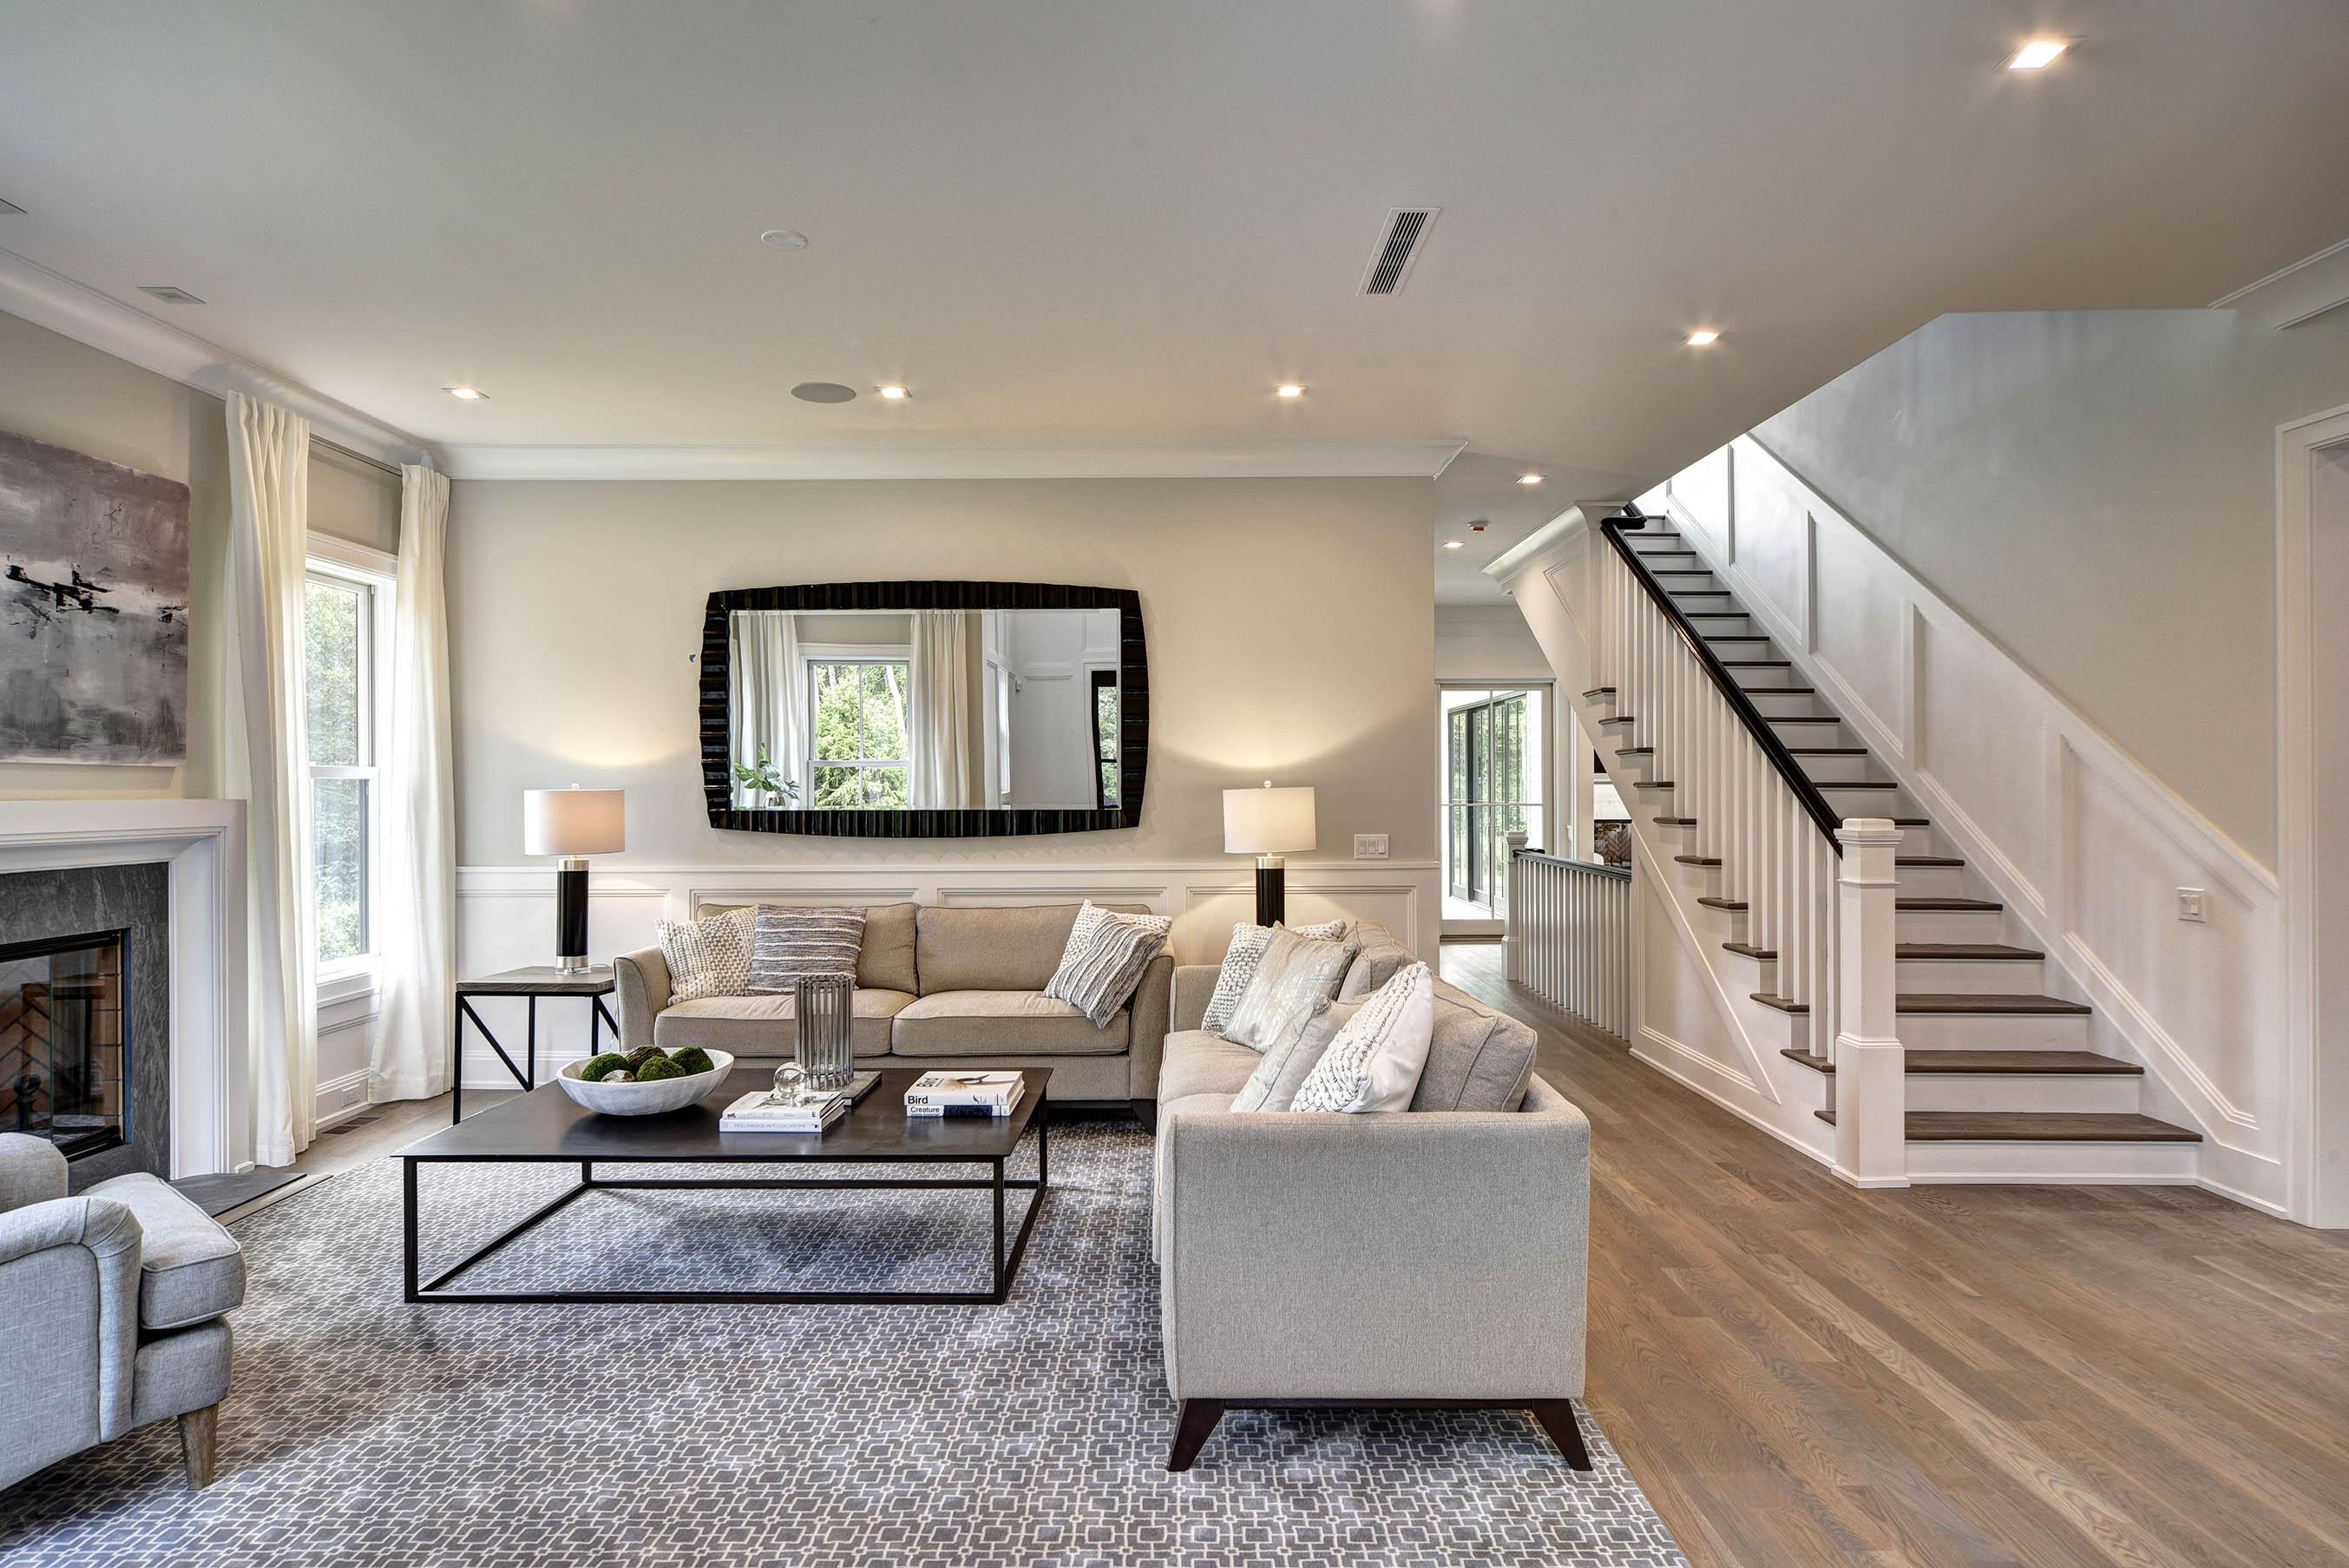 18 Sellentin Way, Bridgehampton - Living Room